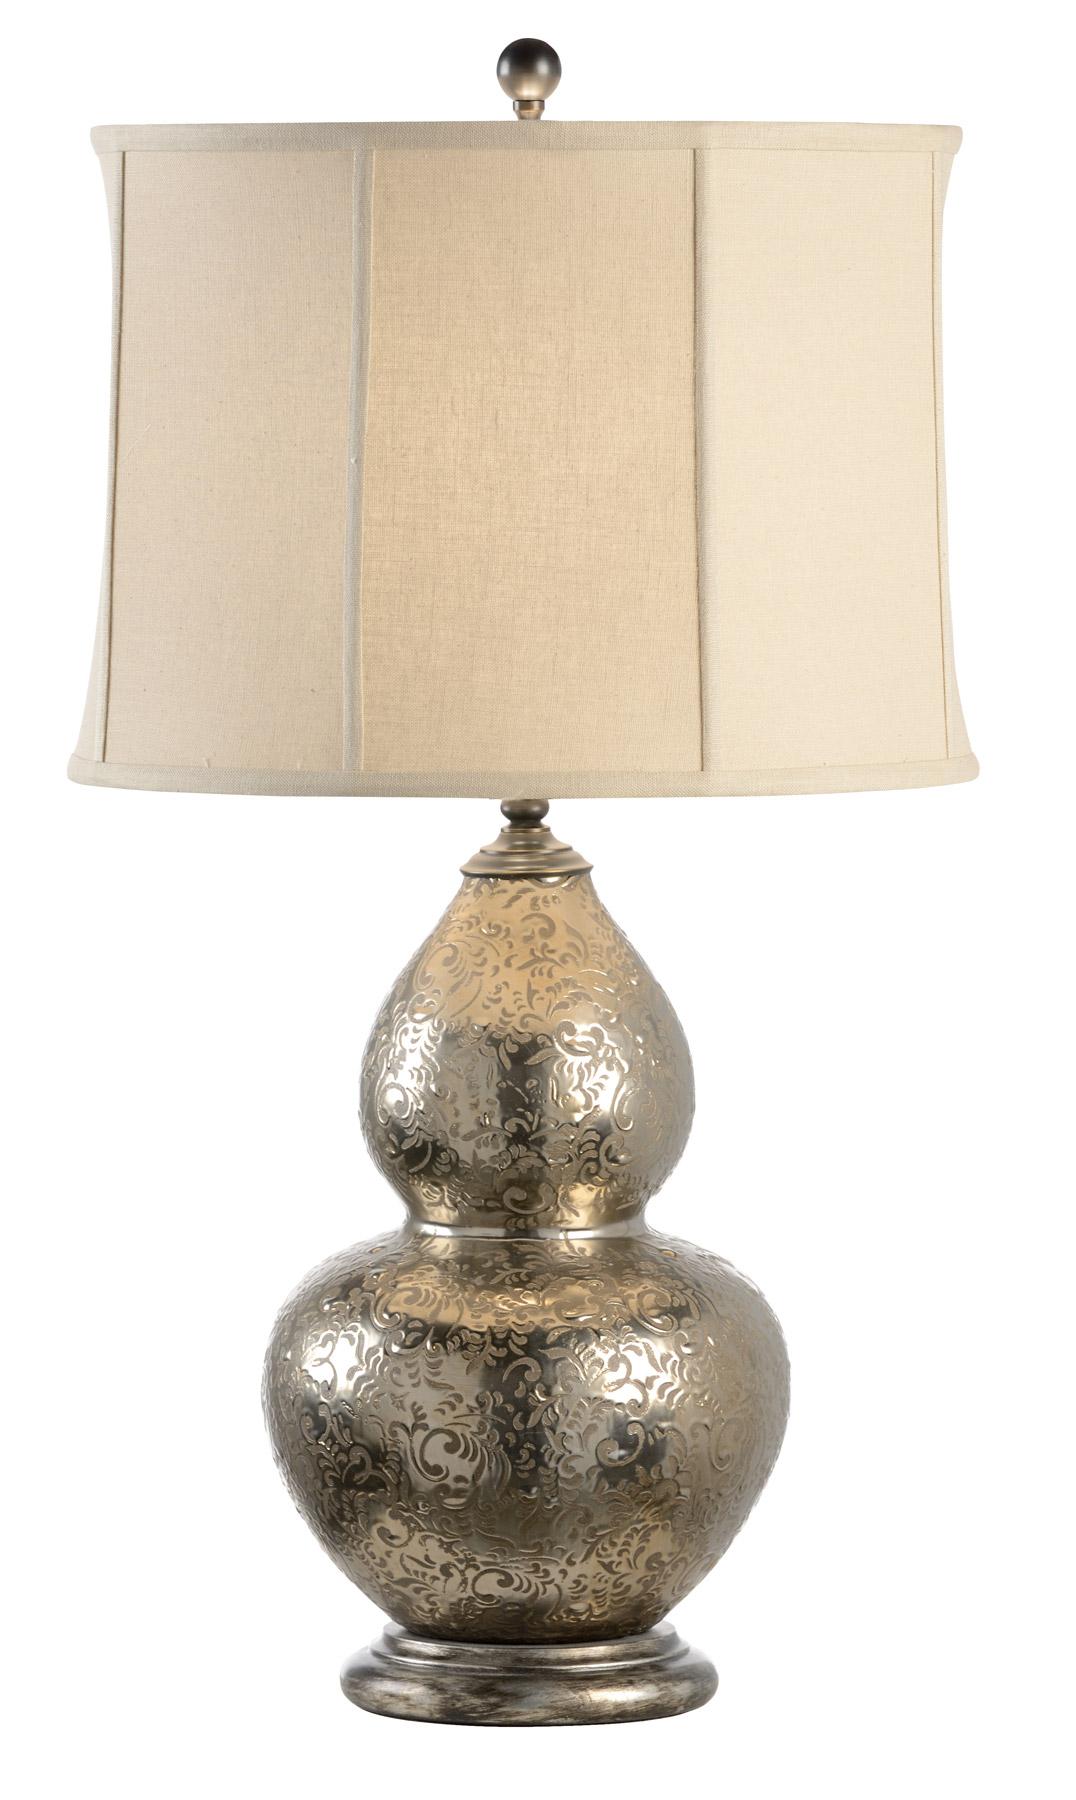 Green Gourd Lamp Wildwood 12516 Gourd Vase Table Lamp